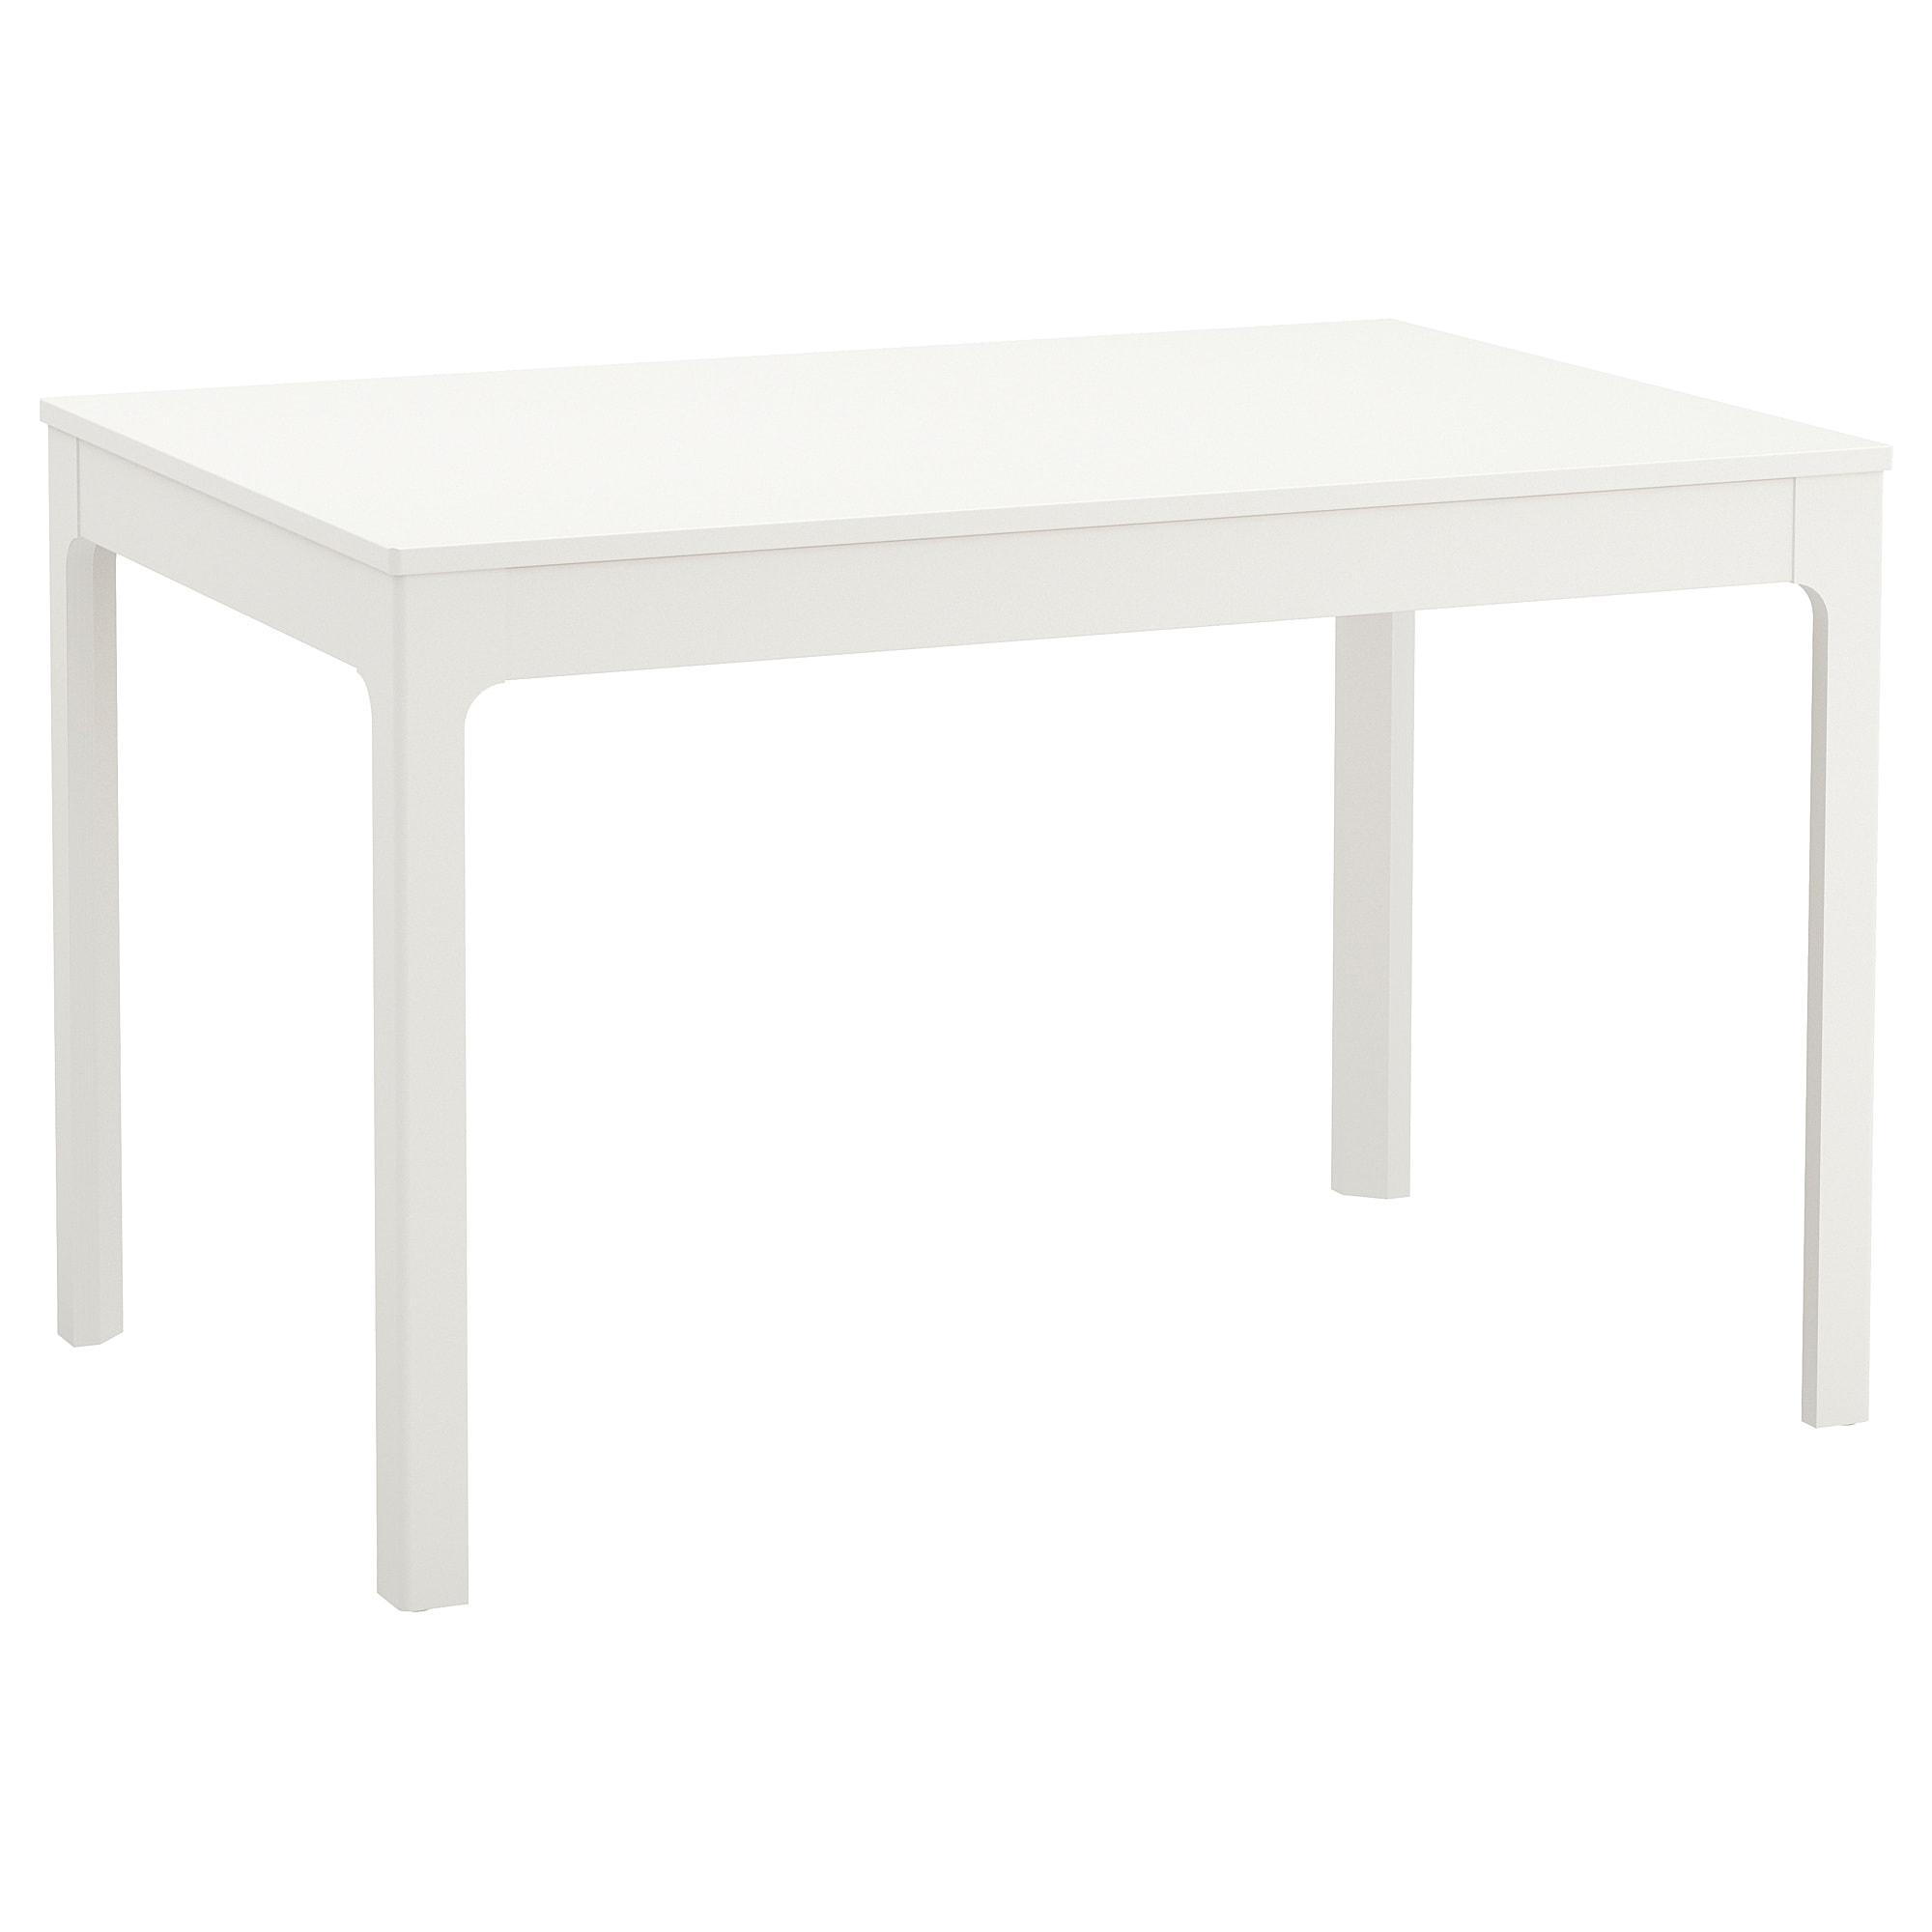 Ikea Mesas Comedor Extensibles Budm Mesas Plegables Extensibles Pra Online Ikea